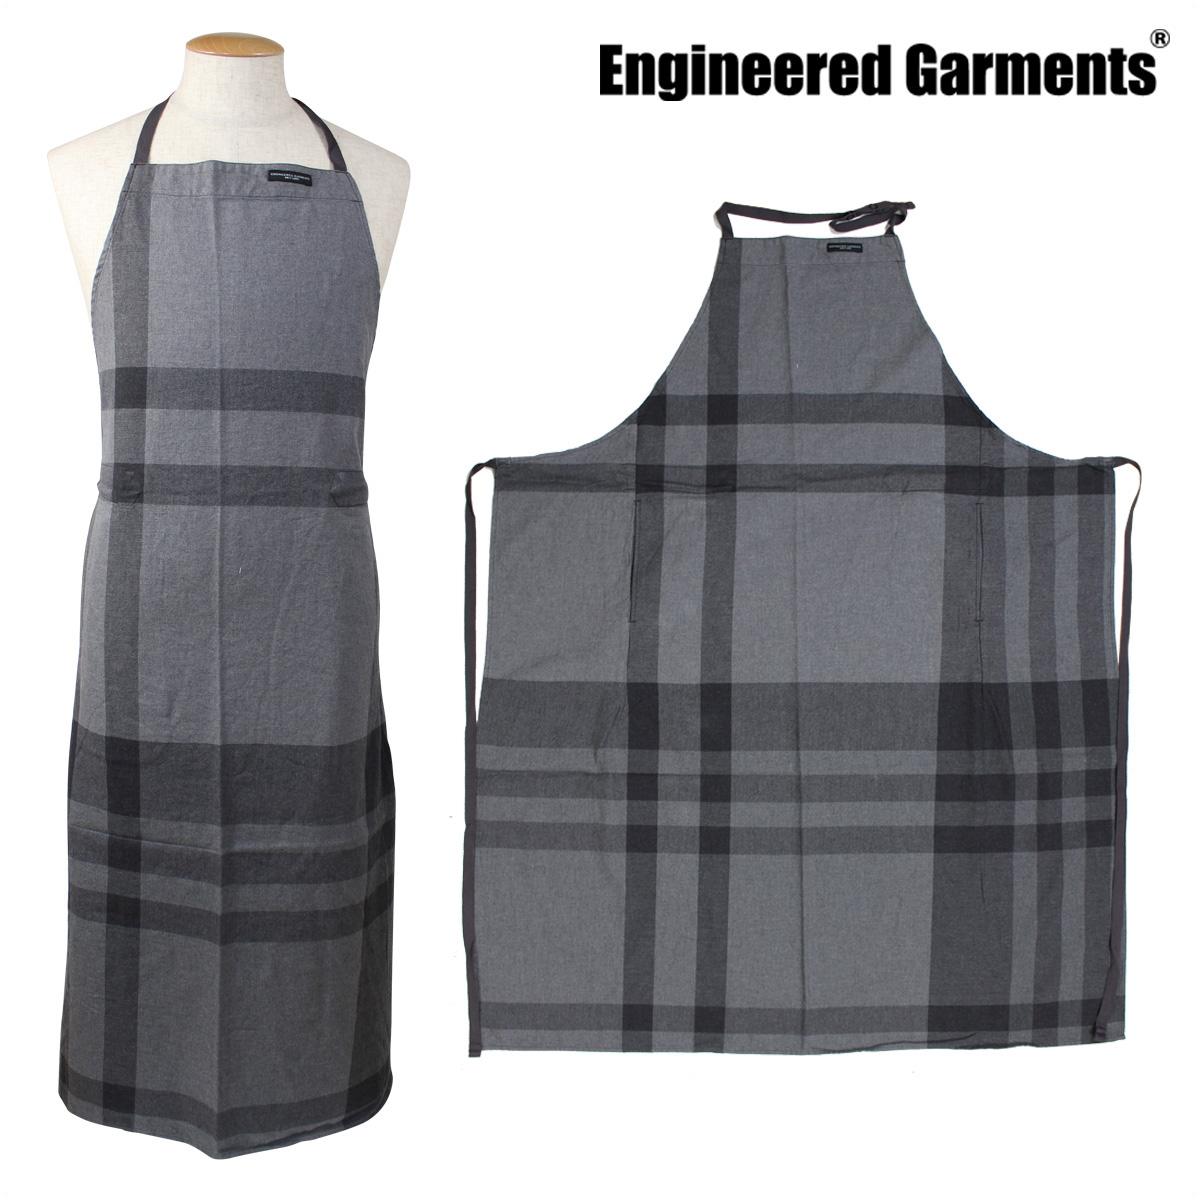 ENGINEERED GARMENTS NEW LONG APRON エンジニアードガーメンツ エプロン 大きいサイズ レディース メンズ 無地 ロング 丈 F7H0624 グレー